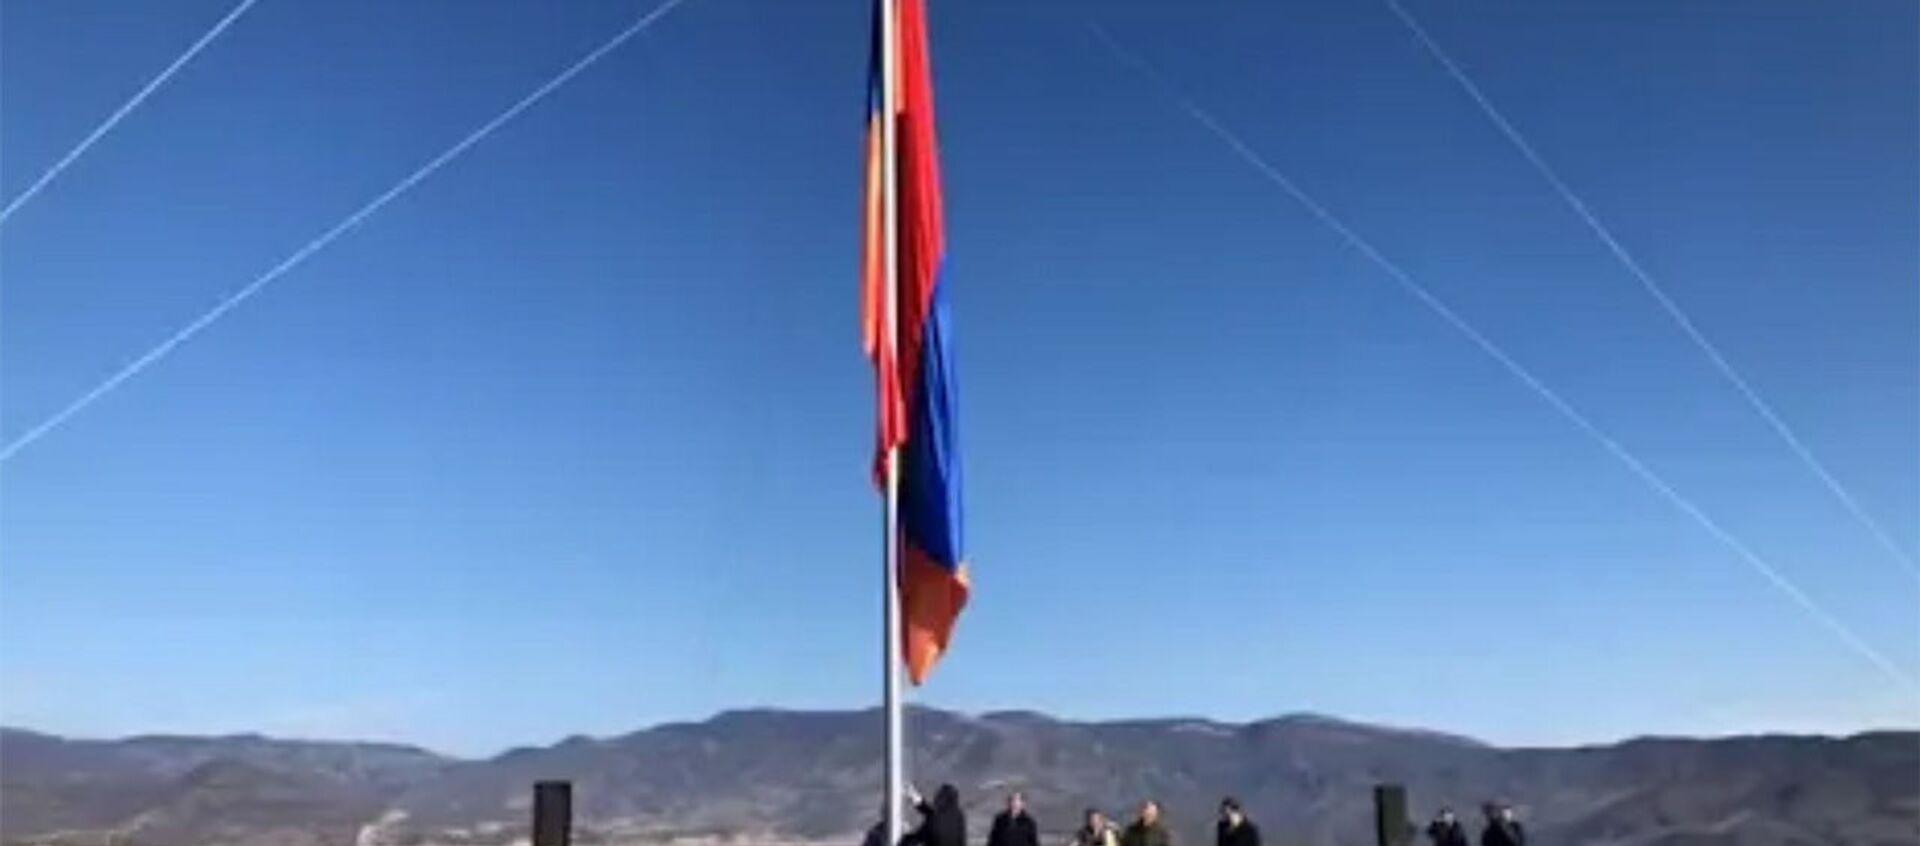 Ճակատեն գյուղ տանող ճանապարհի հարակից թմբի վրա տեղադրվեց հայկական եռագույնը - Sputnik Արմենիա, 1920, 17.01.2021